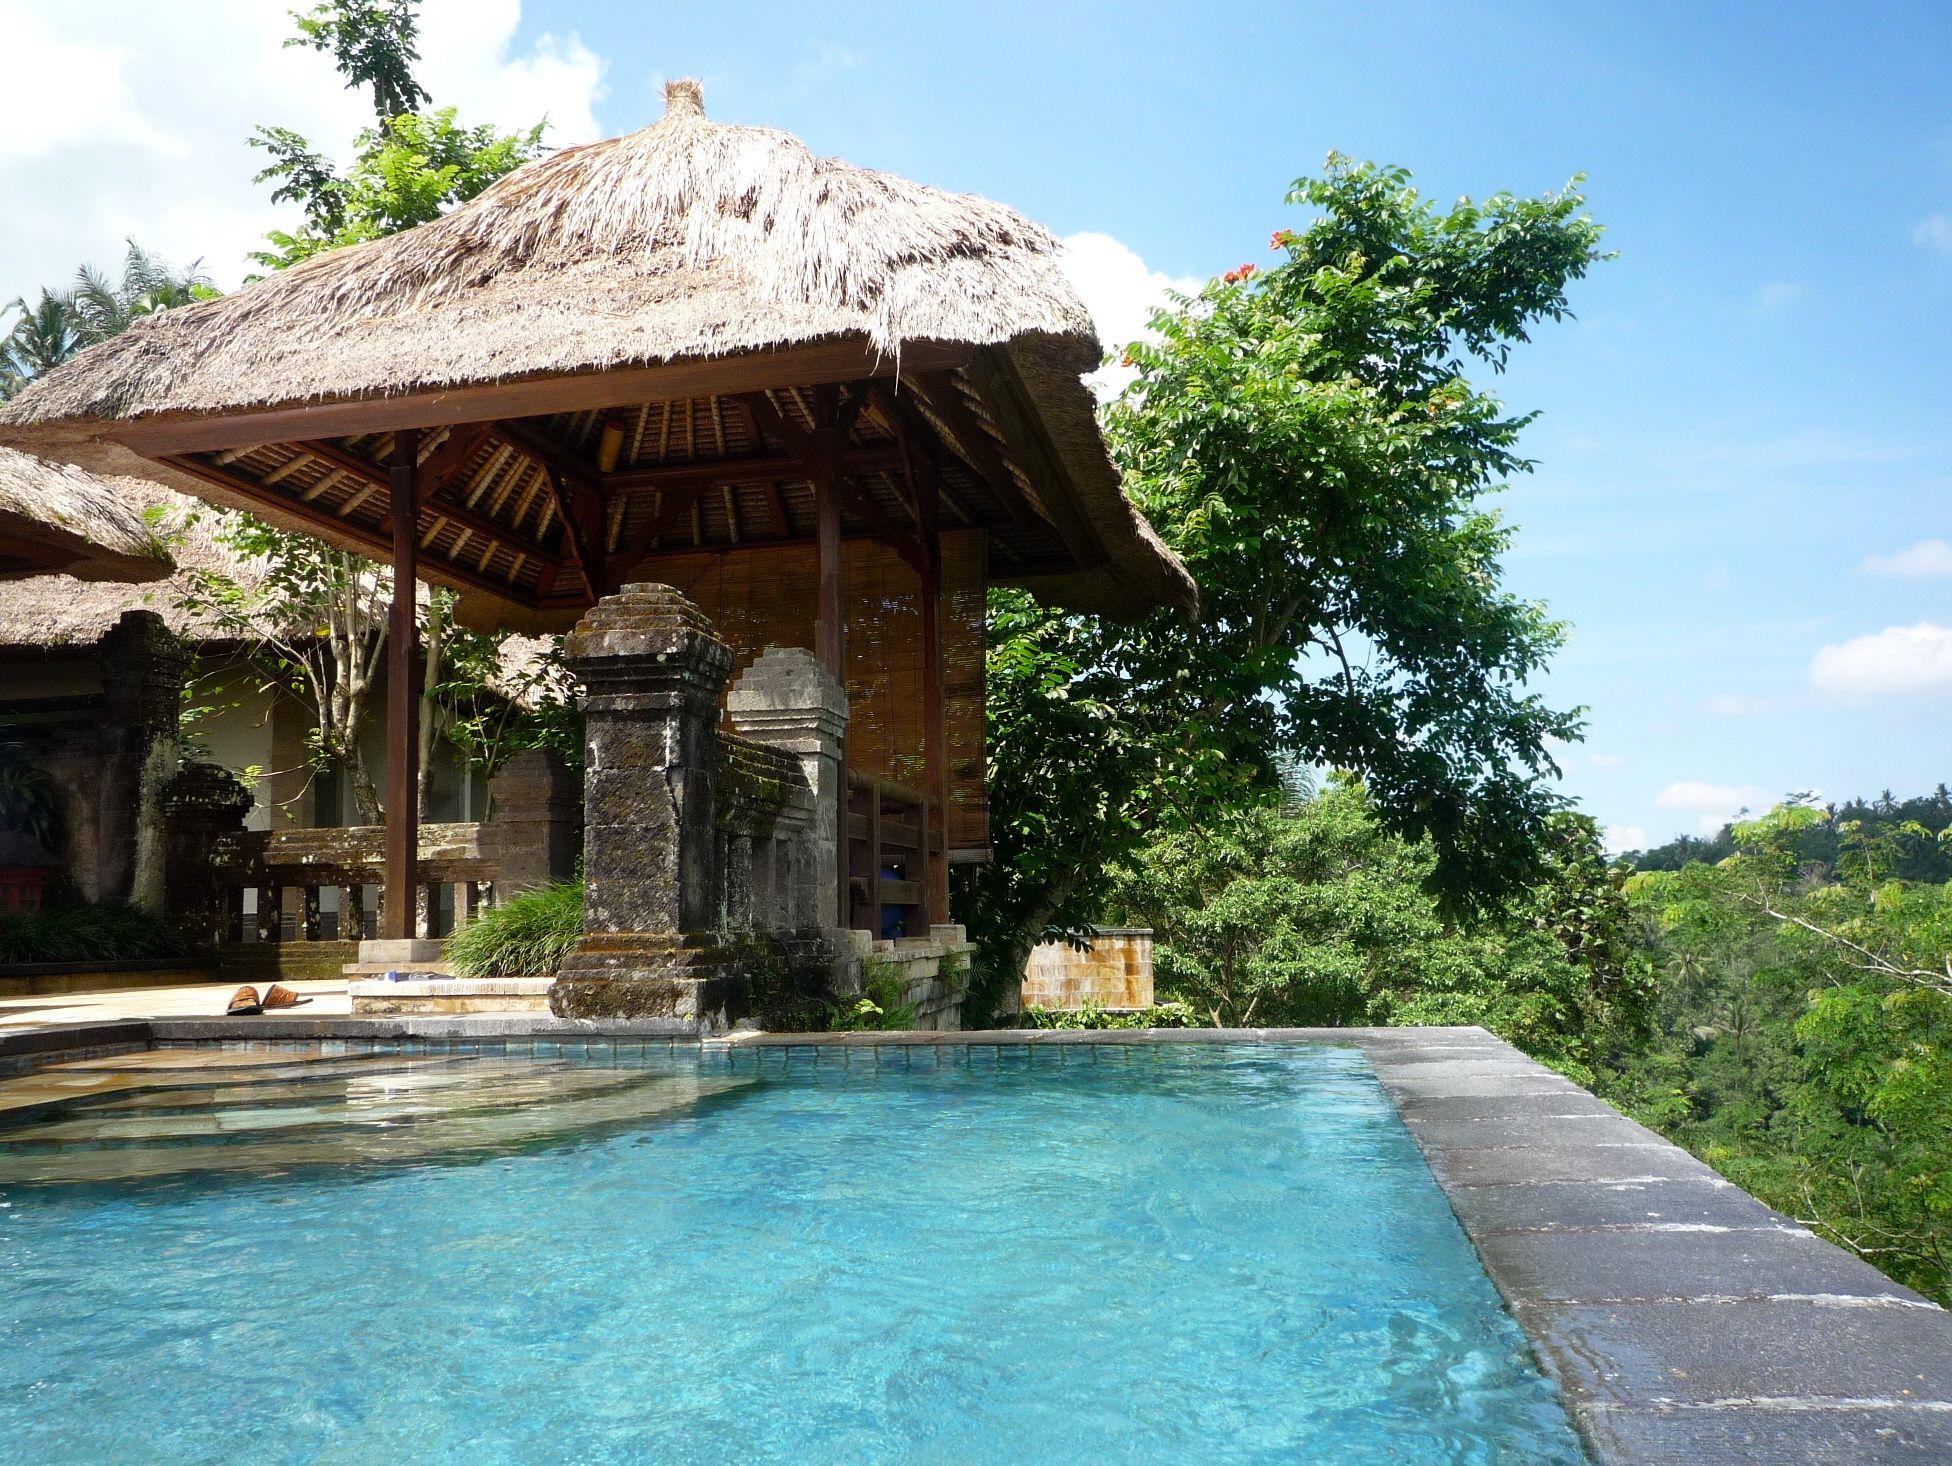 Indonesia, Bali, Ubud, Puri Wulandari villa. (April 2012